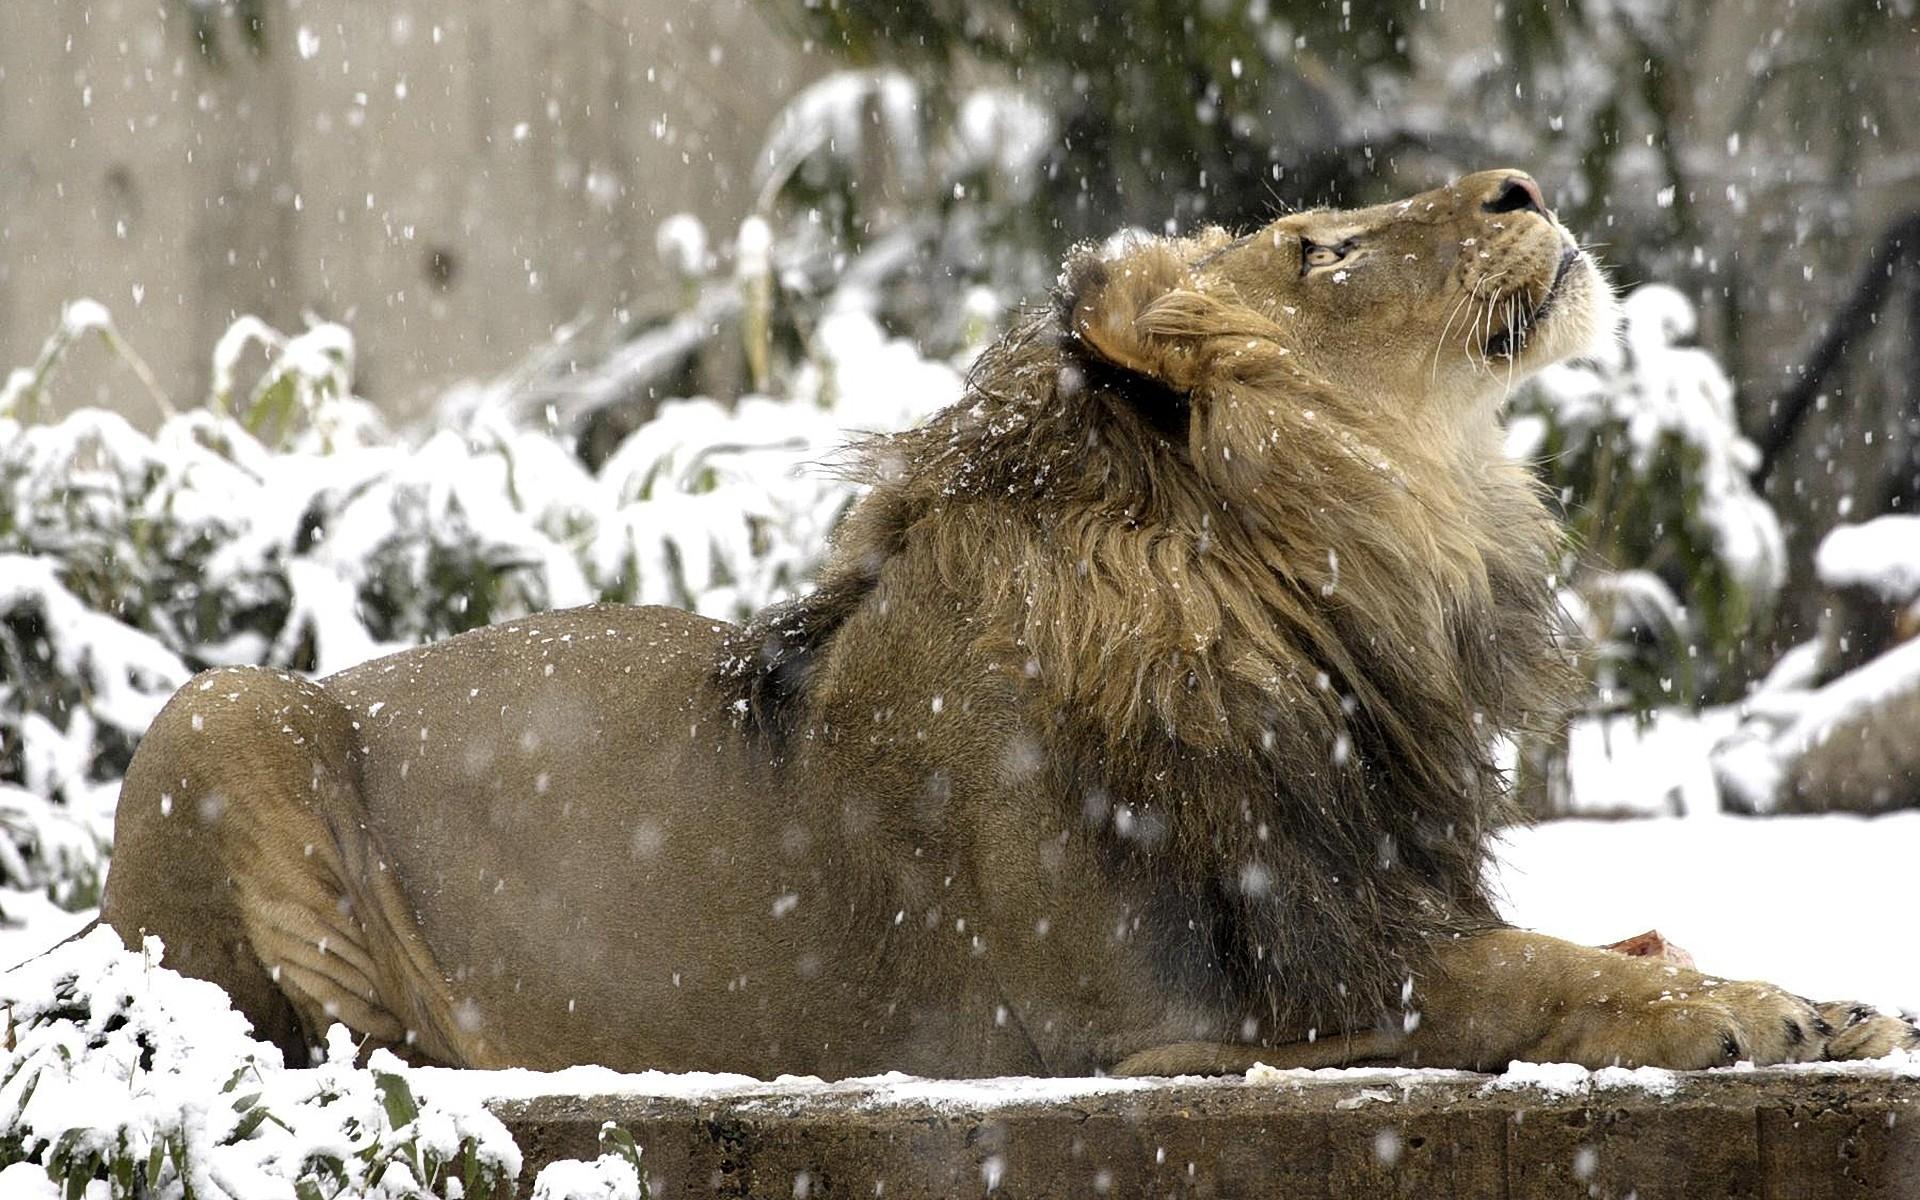 лев лежит на снегу, лев и снег, скачать фото, обои для рабочего стола